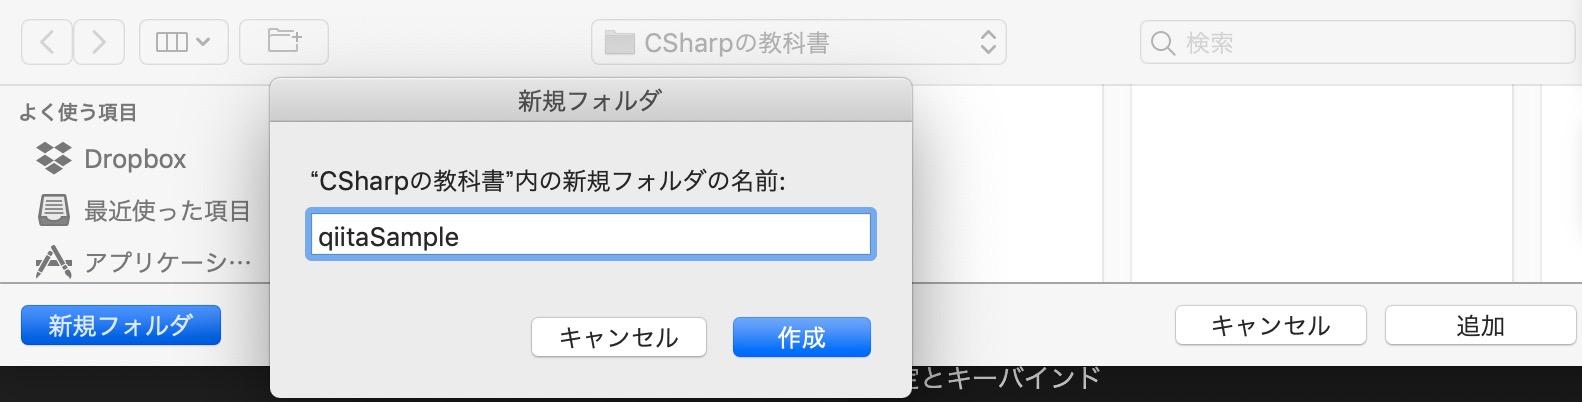 3.ディレクトリ作成.jpg